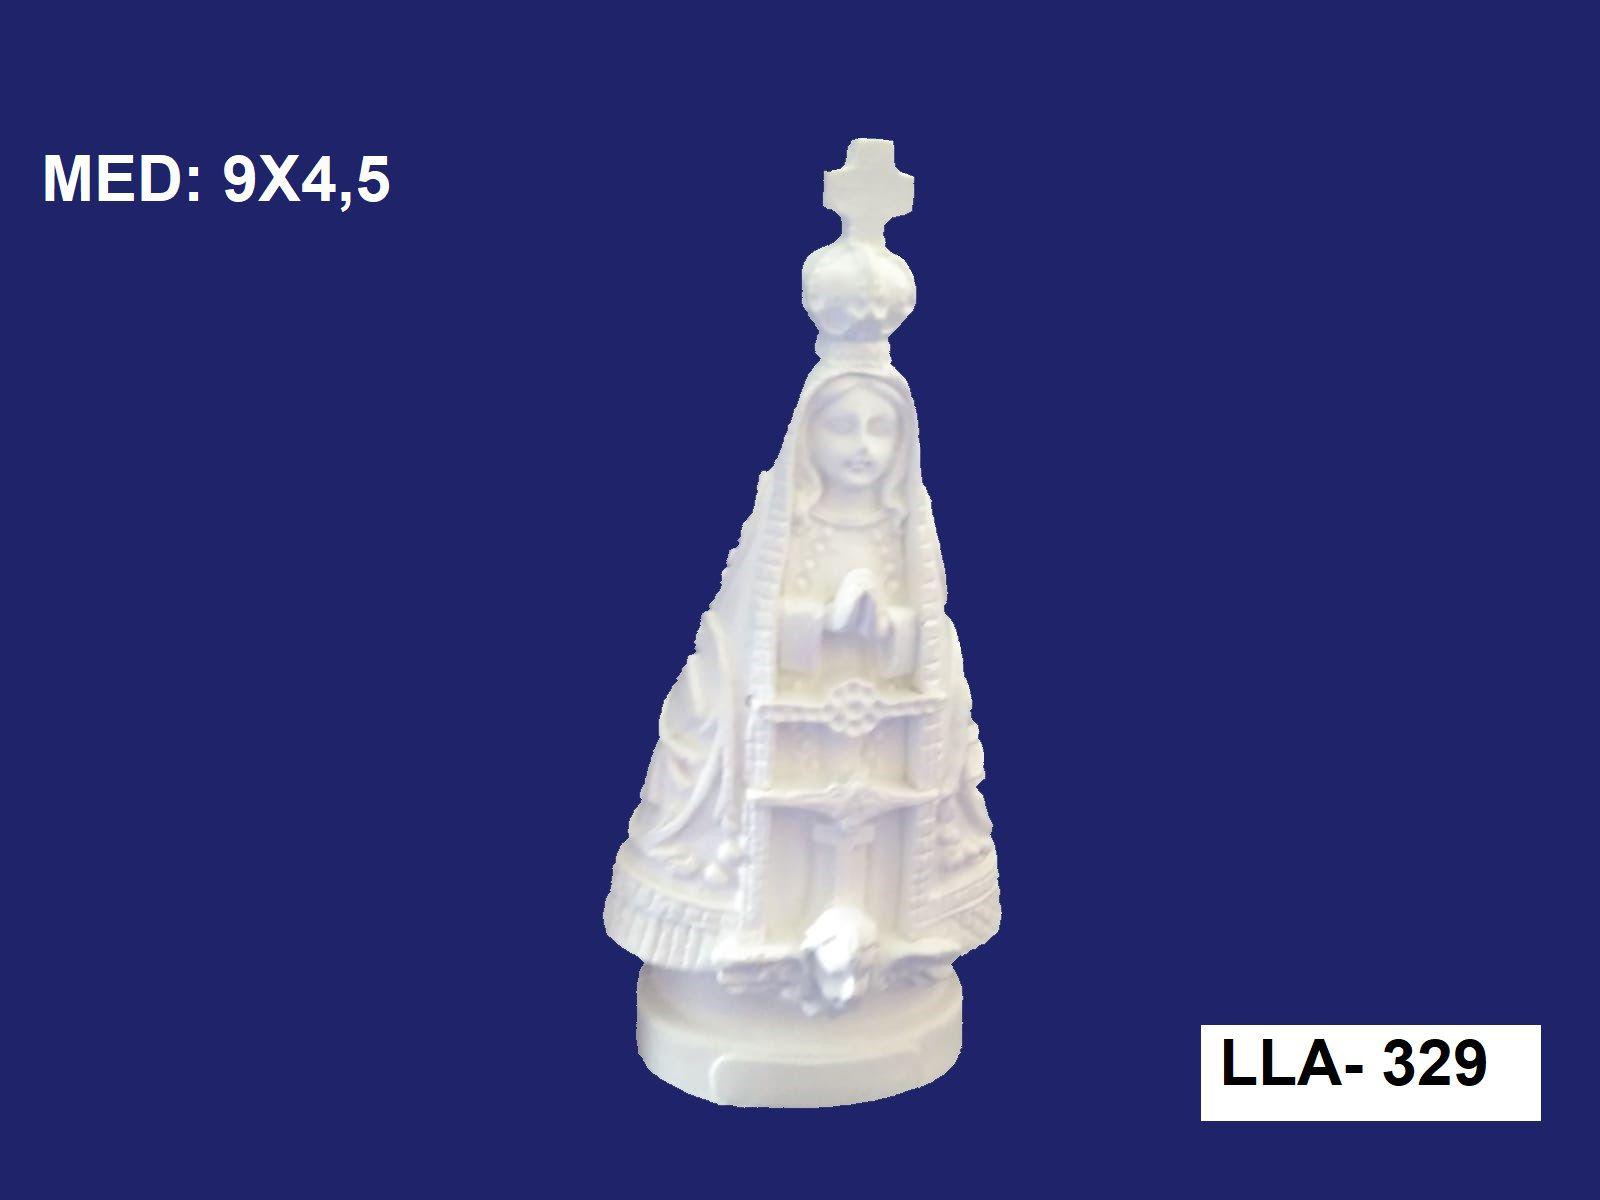 LLA-329 NOSSA SENHORA 3D 9X4,5CM